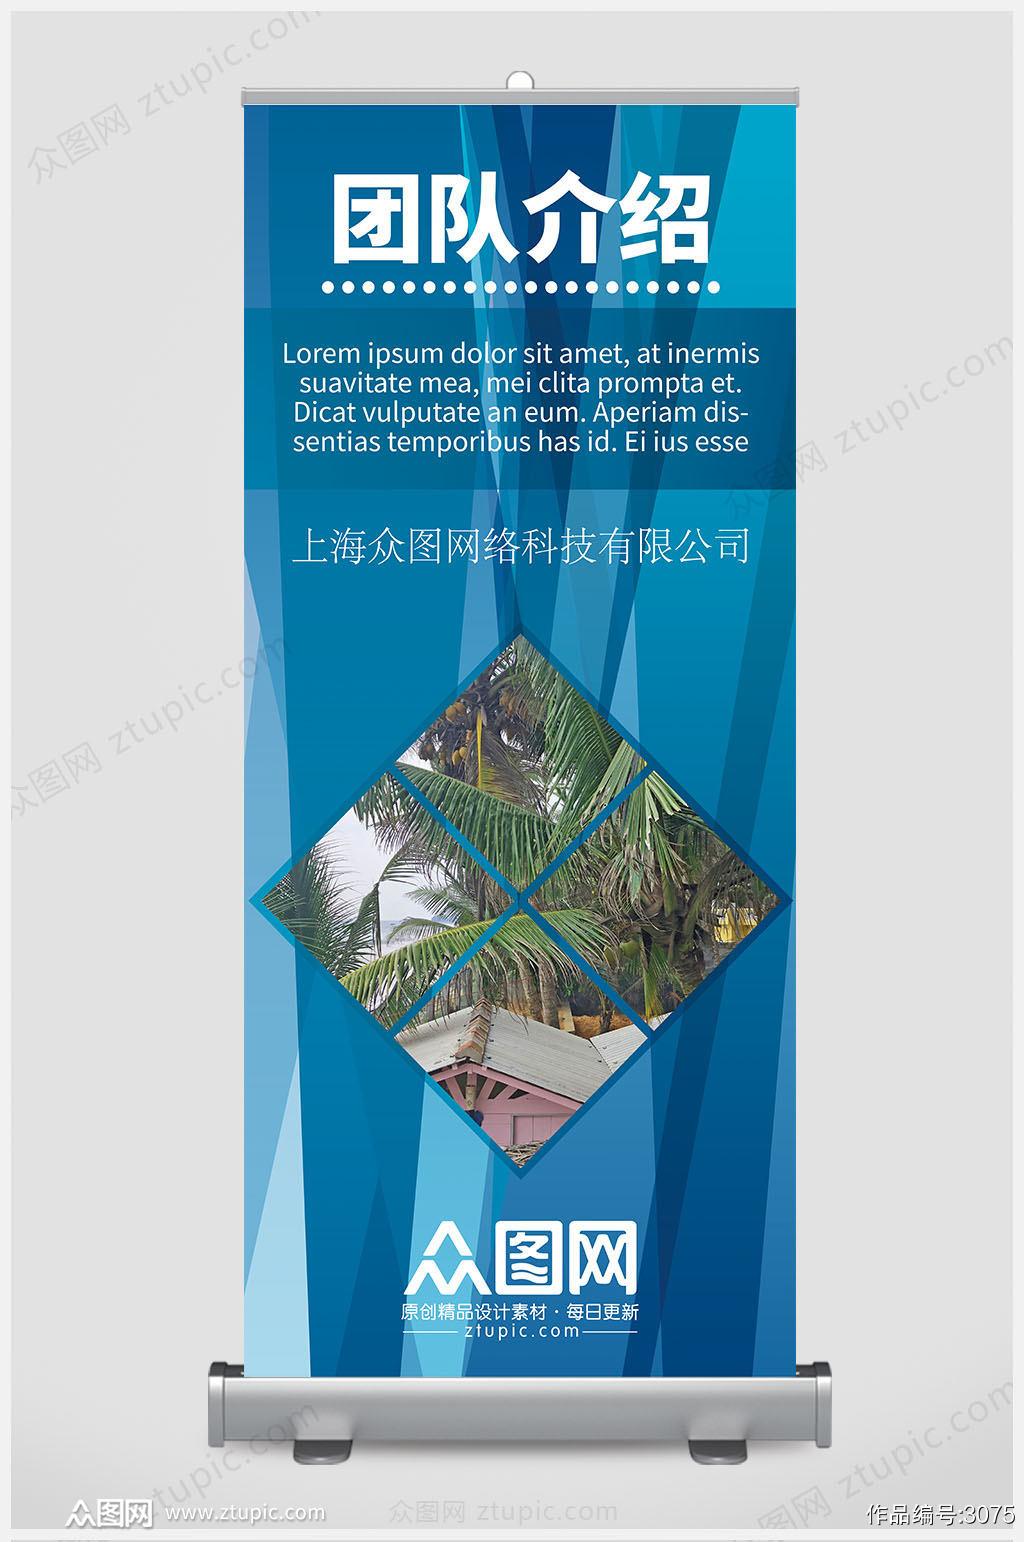 简洁大气蓝色团队介绍企业展架易拉宝素材